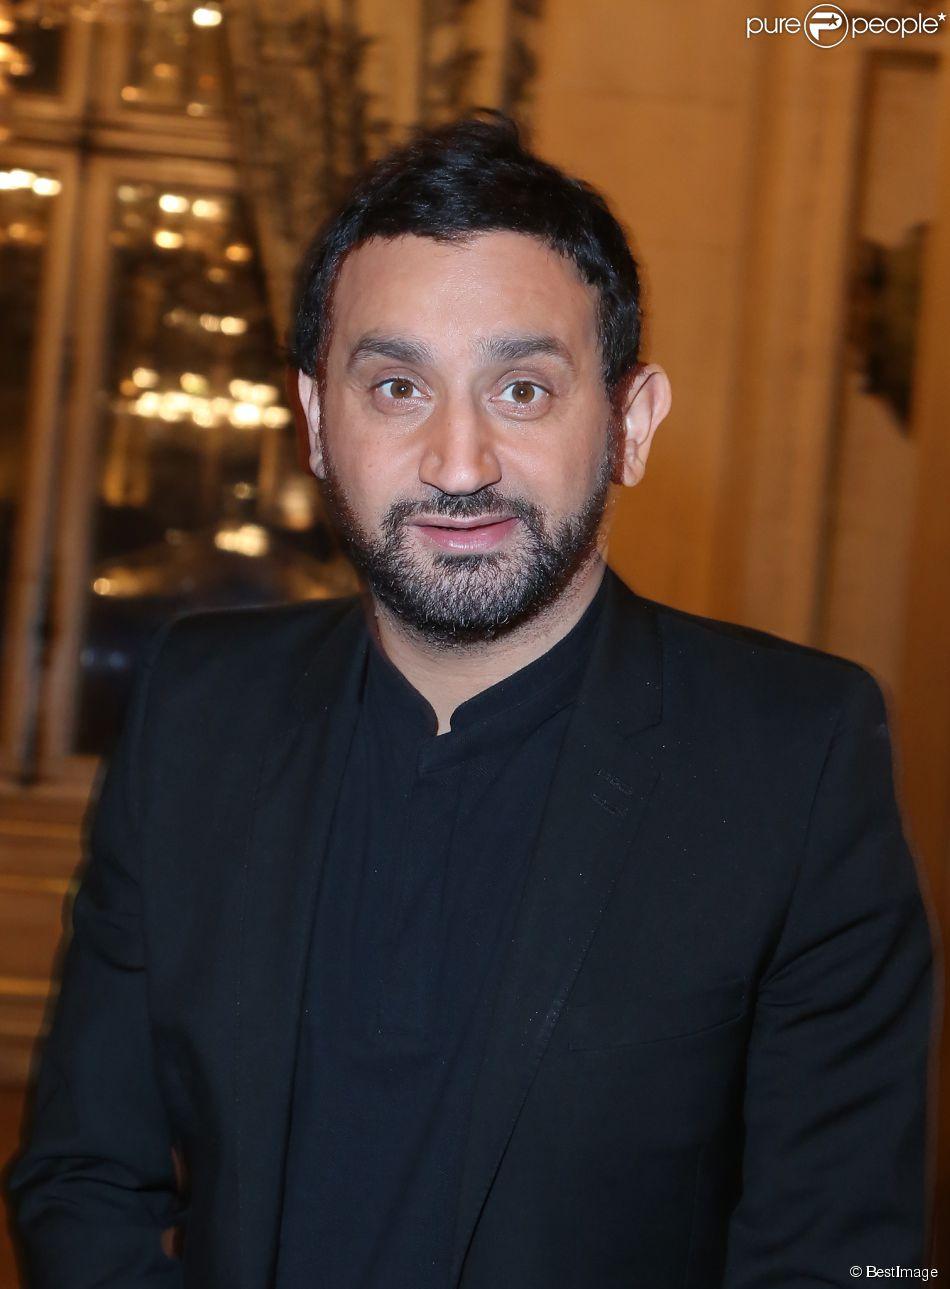 Exclusif - Cyril Hanouna - Soirée annuelle de la FIDH (Federation Internationale des Droits de l'homme) et 65e anniversaire de la Déclaration universelle des Droits de l'Homme à l'hôtel de Ville de Paris le 10 décembre 2013.